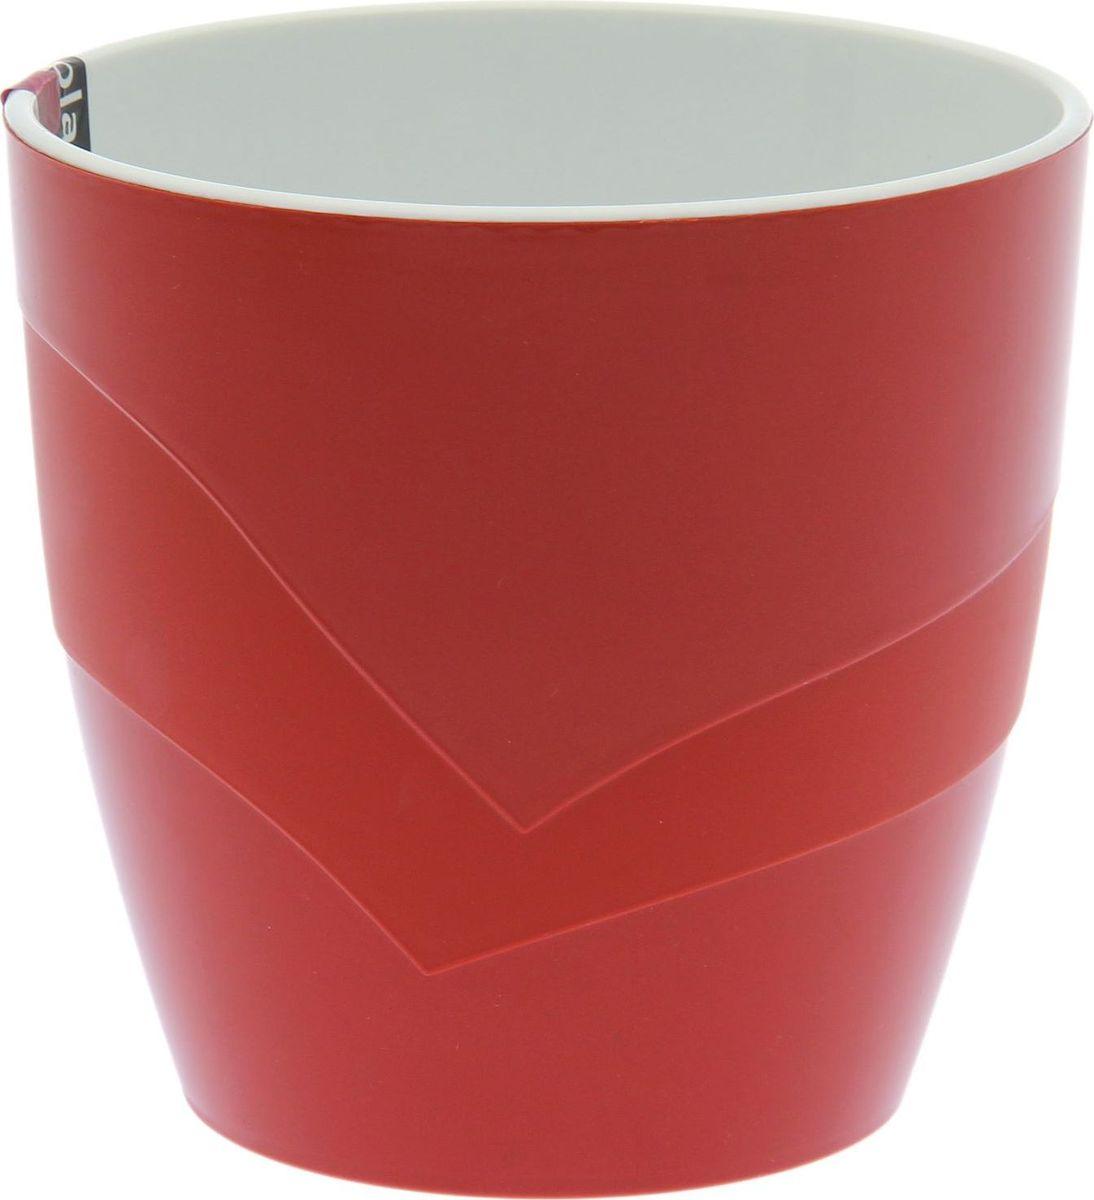 Кашпо JetPlast Грация, цвет: терракотовый, 1,2 л1694306Декоративное кашпо, выполненное из высококачественного пластика, предназначено для посадки декоративных растений и станет прекрасным украшением для дома. Оригинальное кашпо украсит окружающее пространство и подчеркнет его оригинальный стиль.